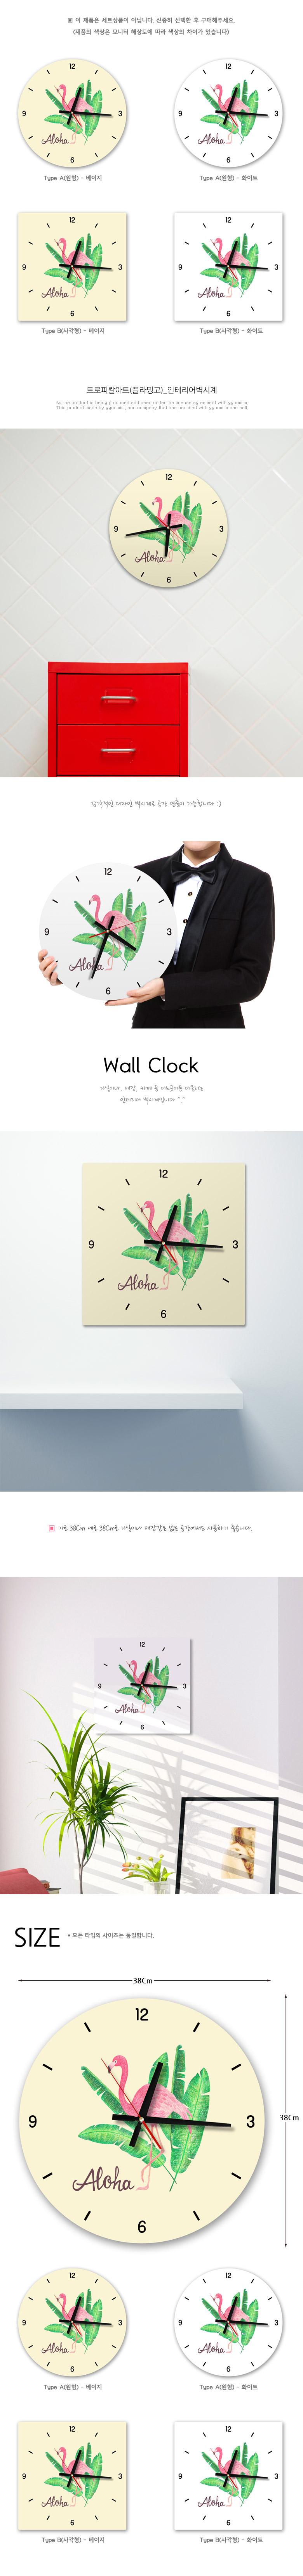 cj722-트로피칼아트(플라밍고)_인테리어벽시계 - 꾸밈, 22,400원, 벽시계, 무소음/저소음